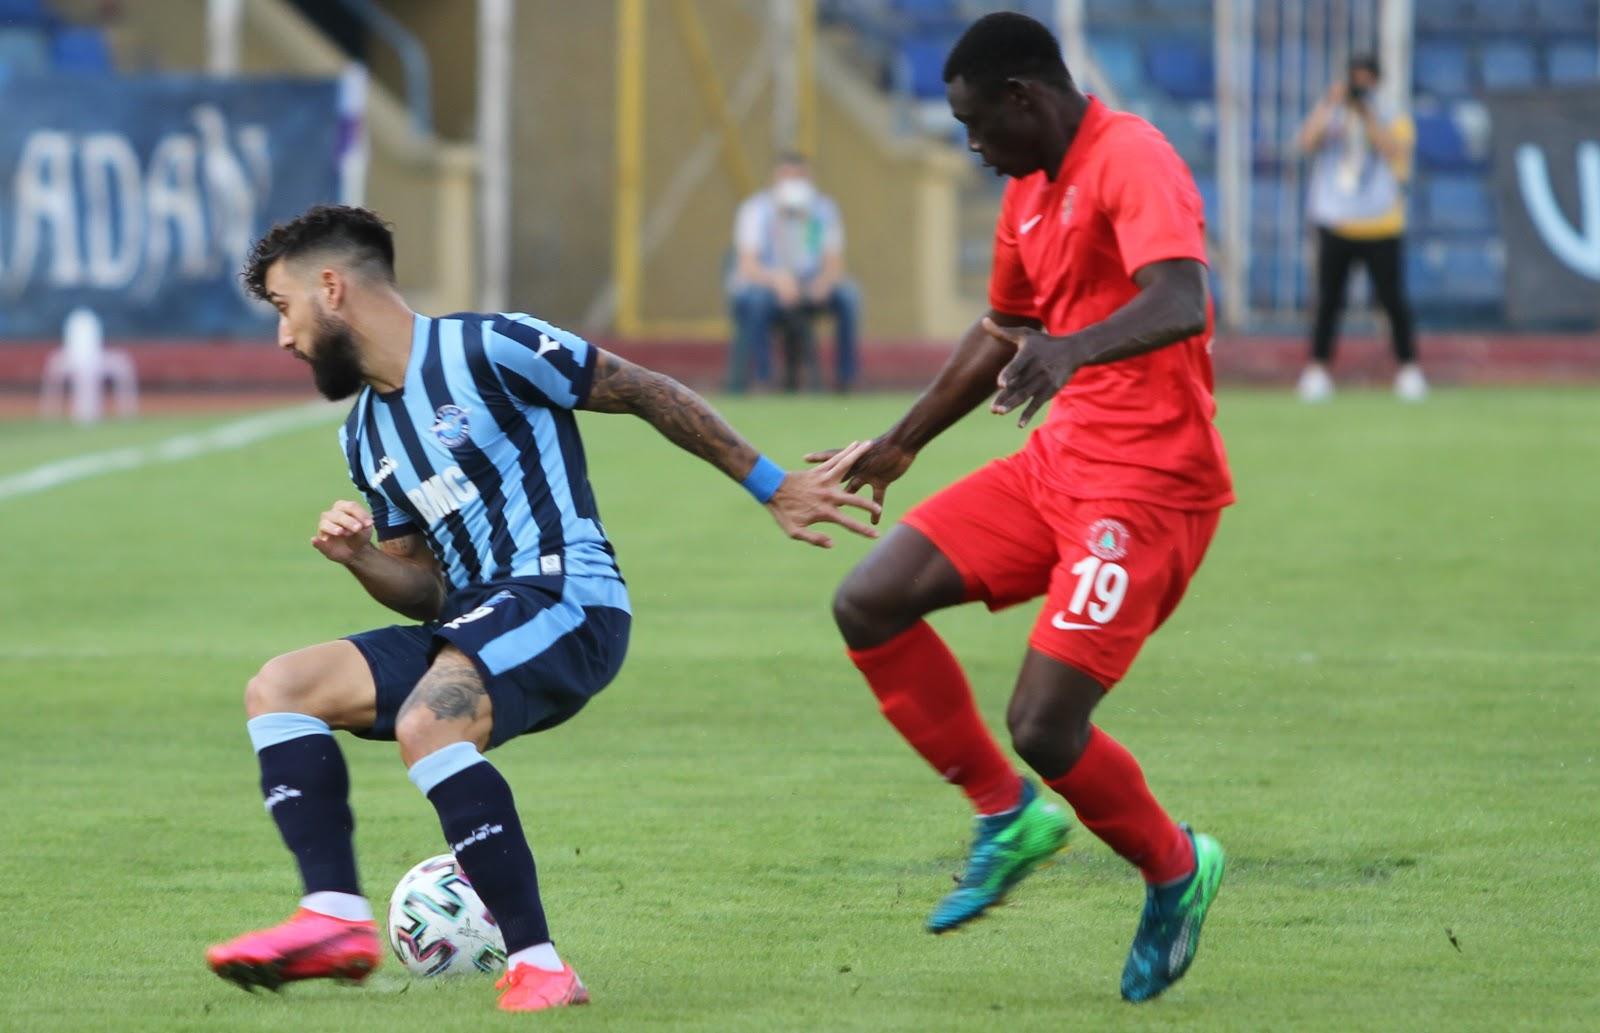 Adana Demirspor 4-2 Ümraniyespor - Mavi Şimşekler | Adana Demirspor